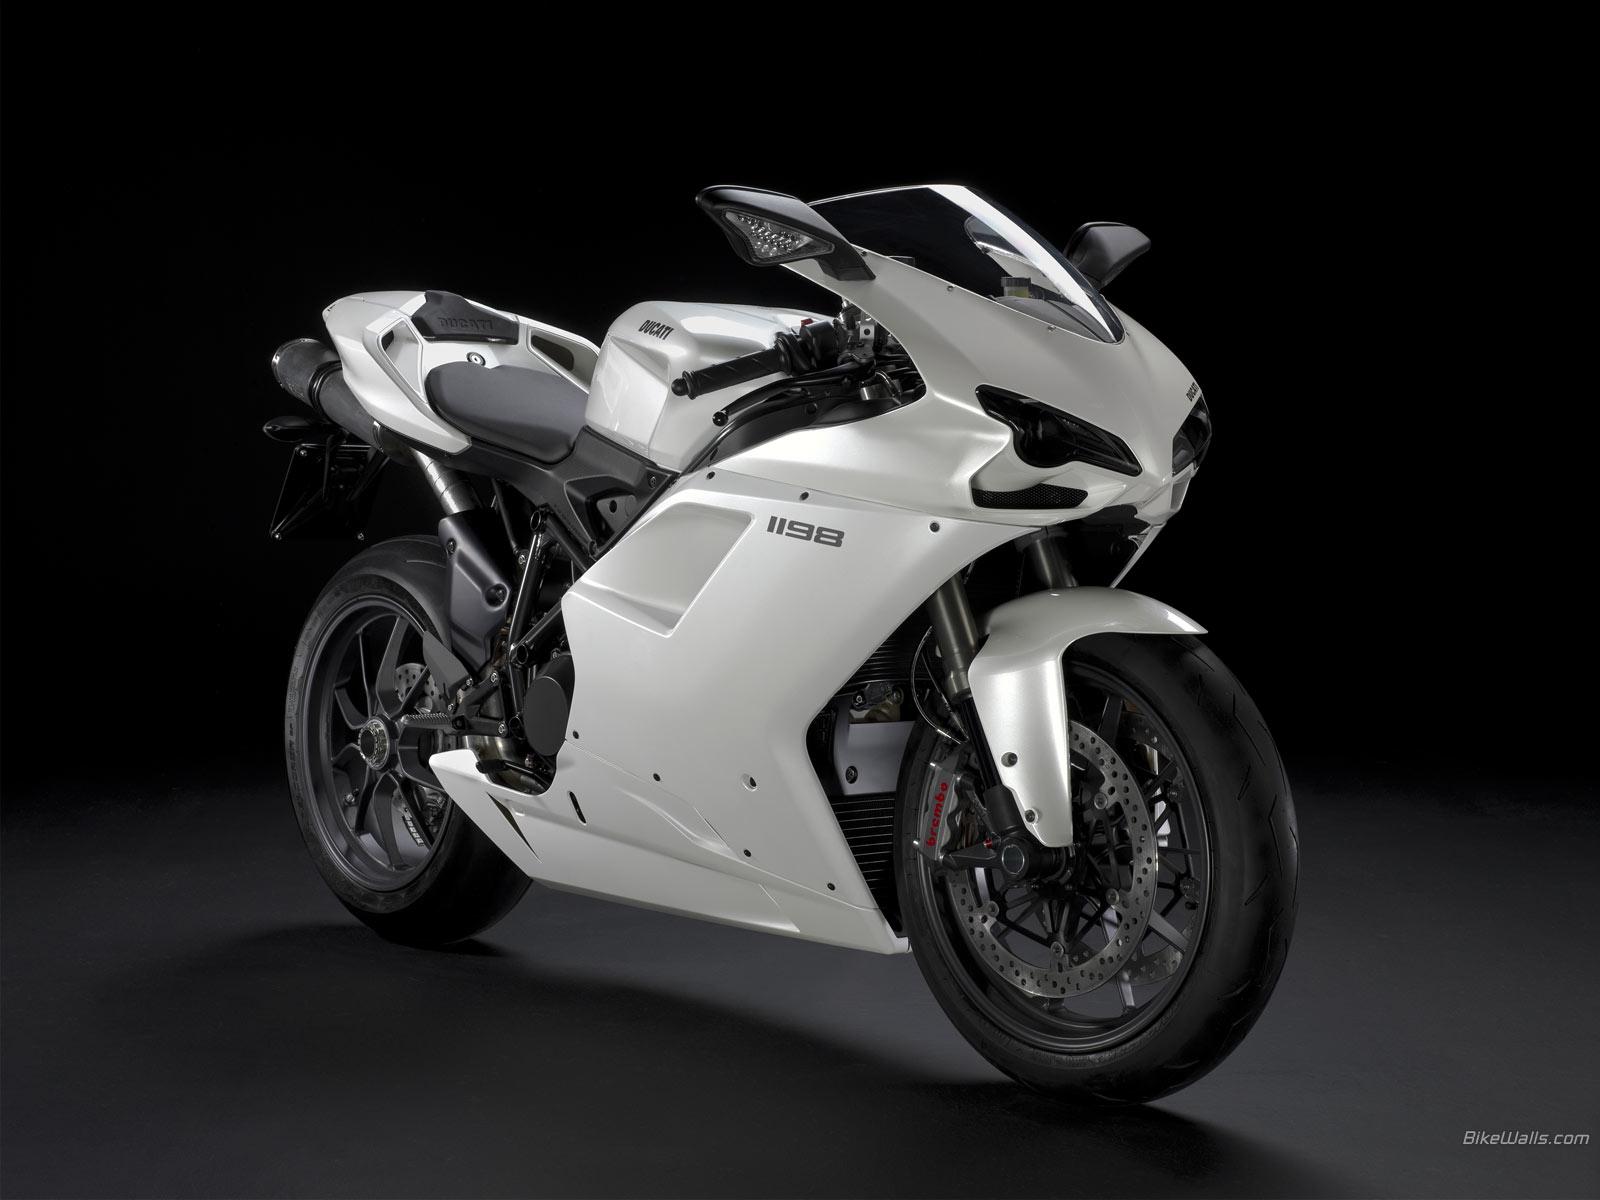 http://3.bp.blogspot.com/-aImLaqg-JsI/Tre3W-4t3GI/AAAAAAAAA_I/vy3VeWTmm74/s1600/Boyracers+Blog+Ducati+1198+wallpaper+HD.jpeg